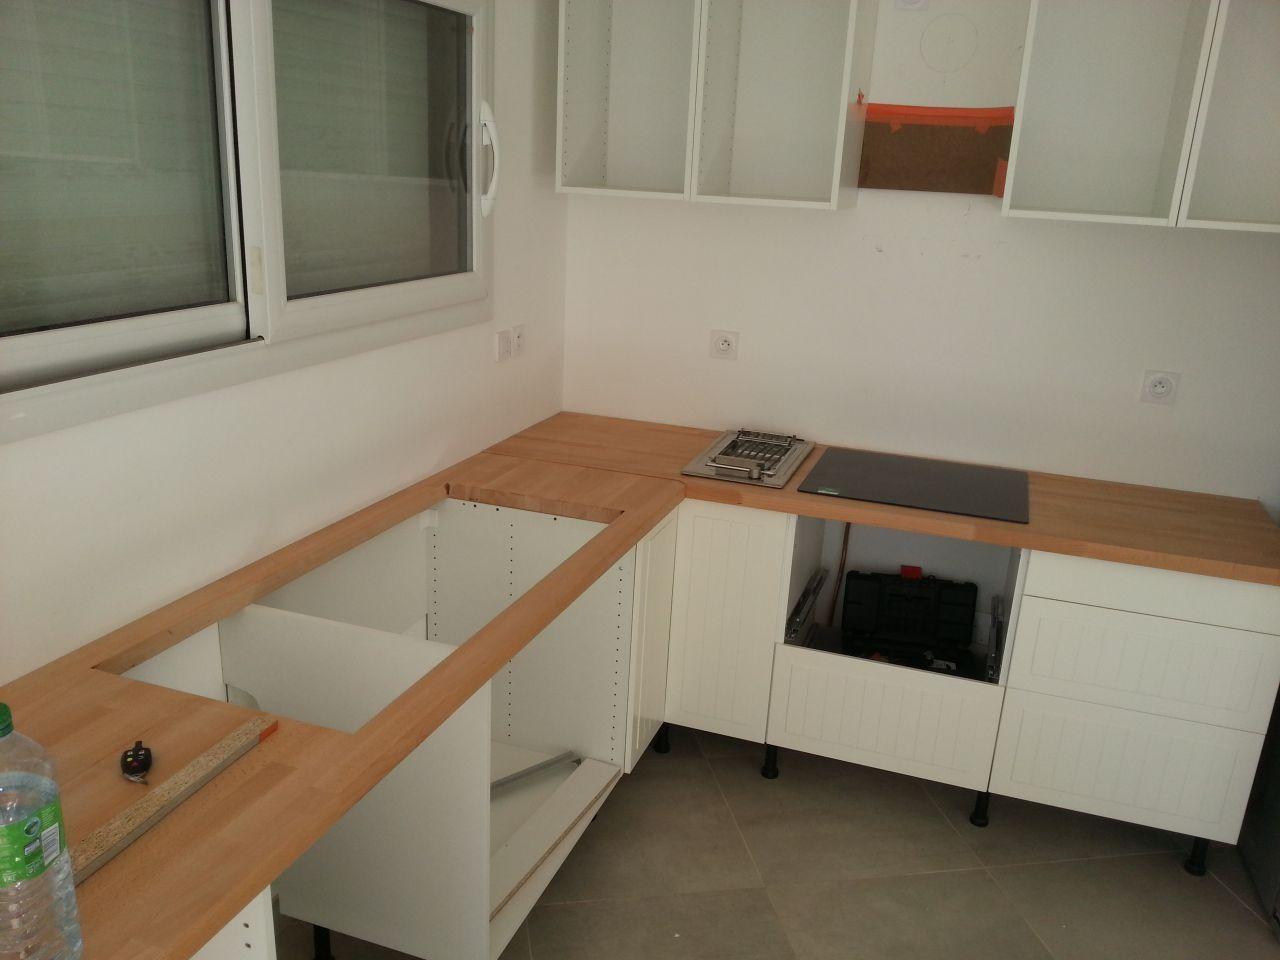 Fabriquer meuble salle de bain avec plan de travail - Fabriquer un plan de travail pour cuisine ...